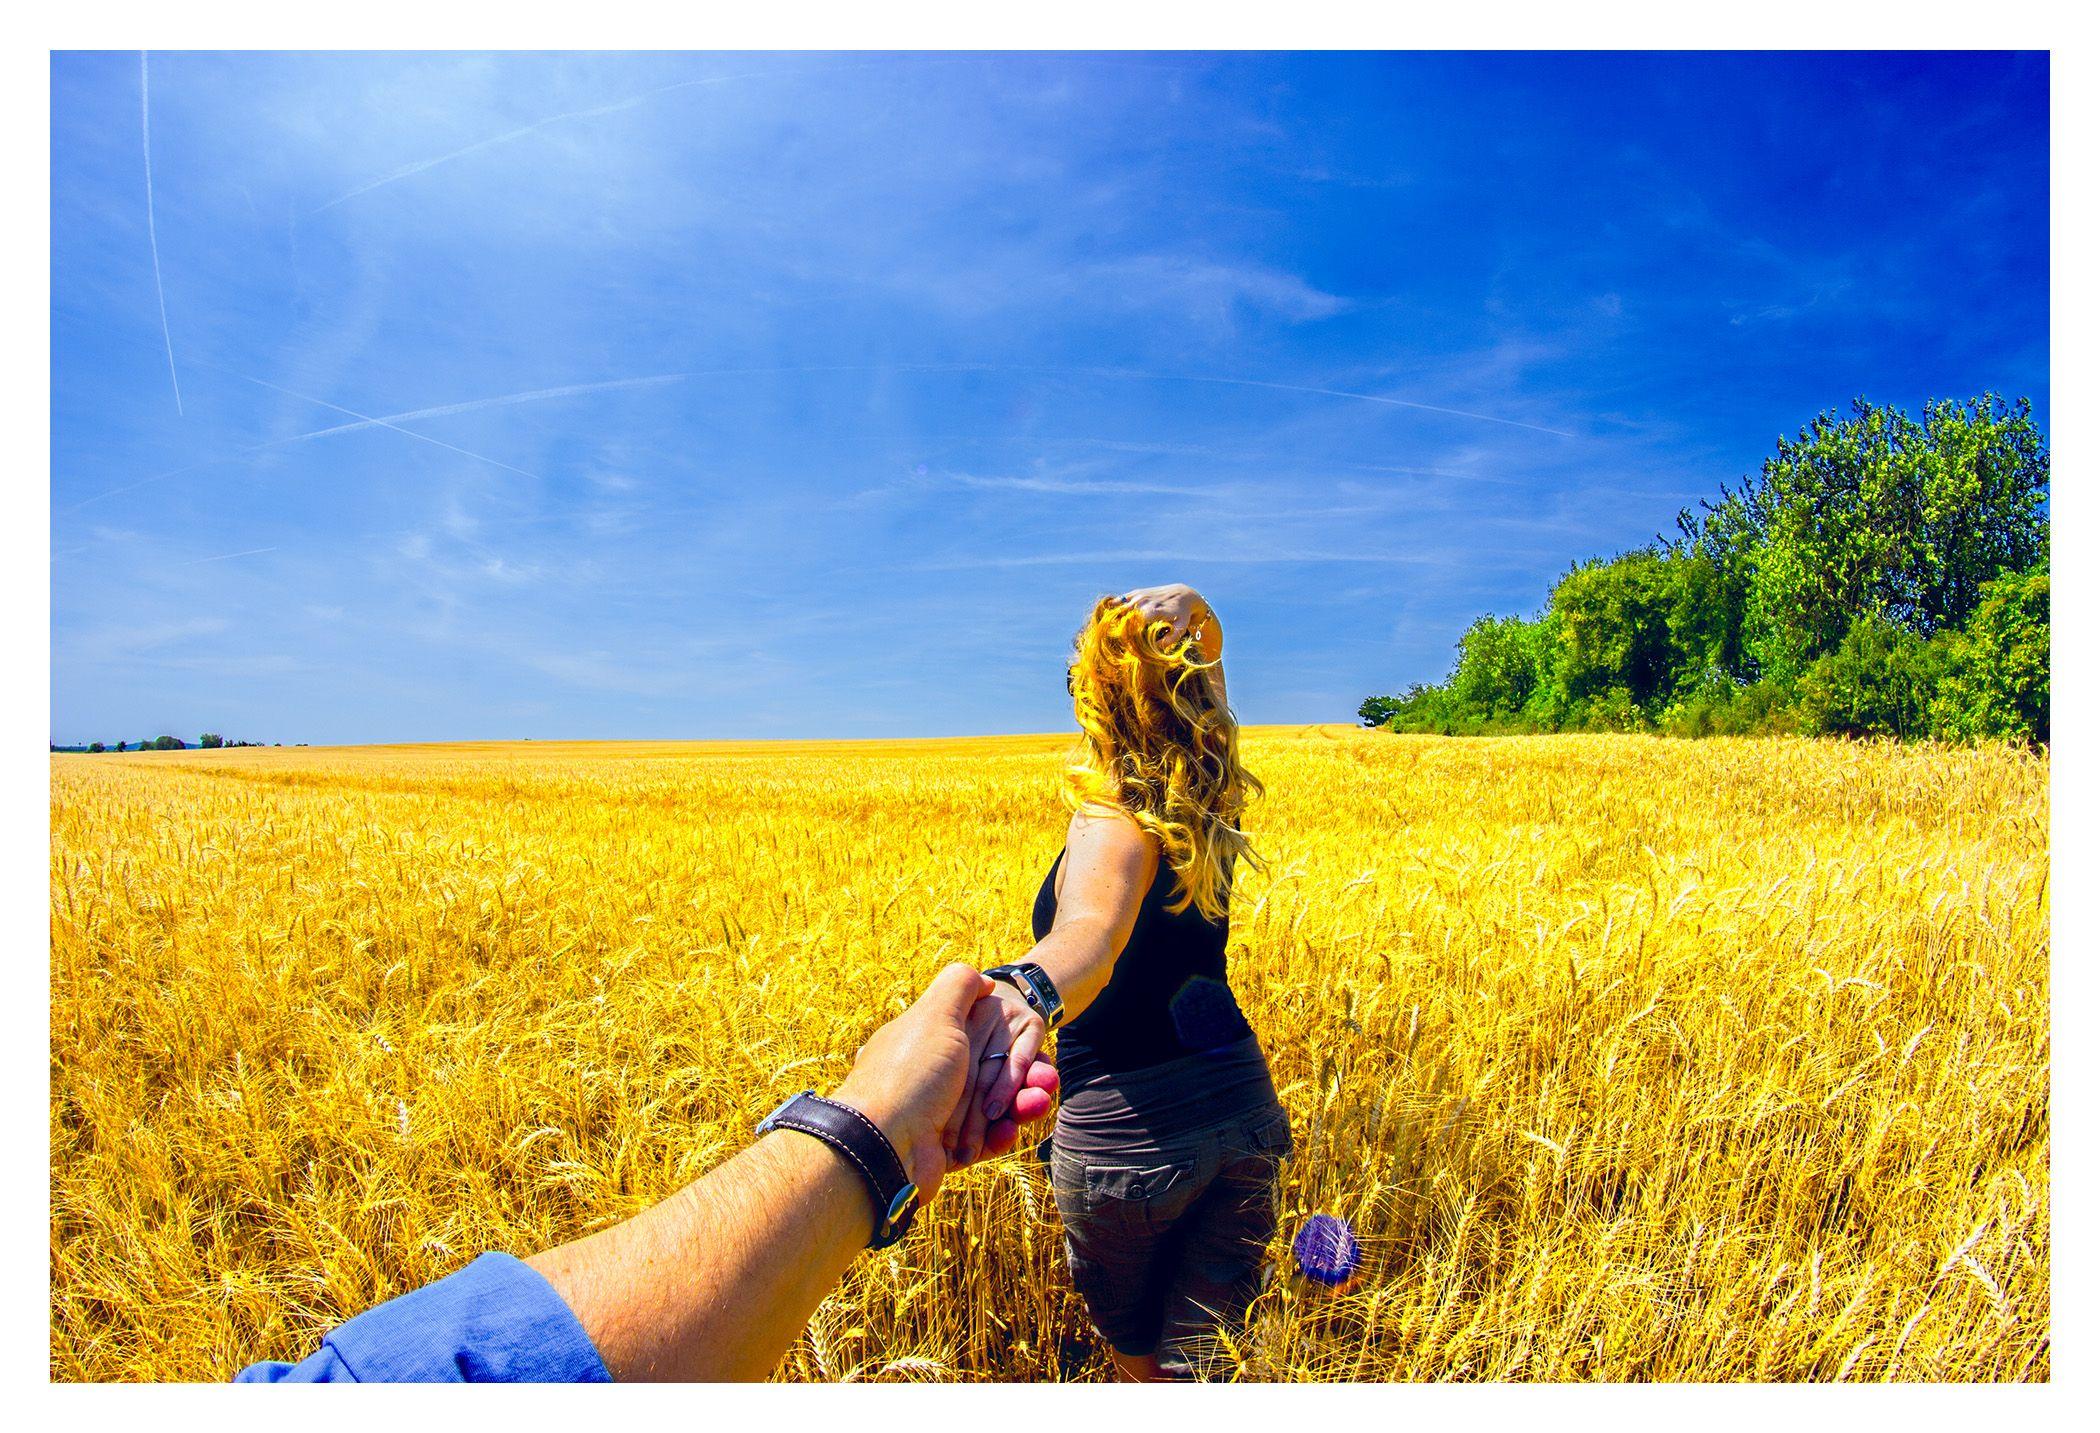 Follow me - wheatfield